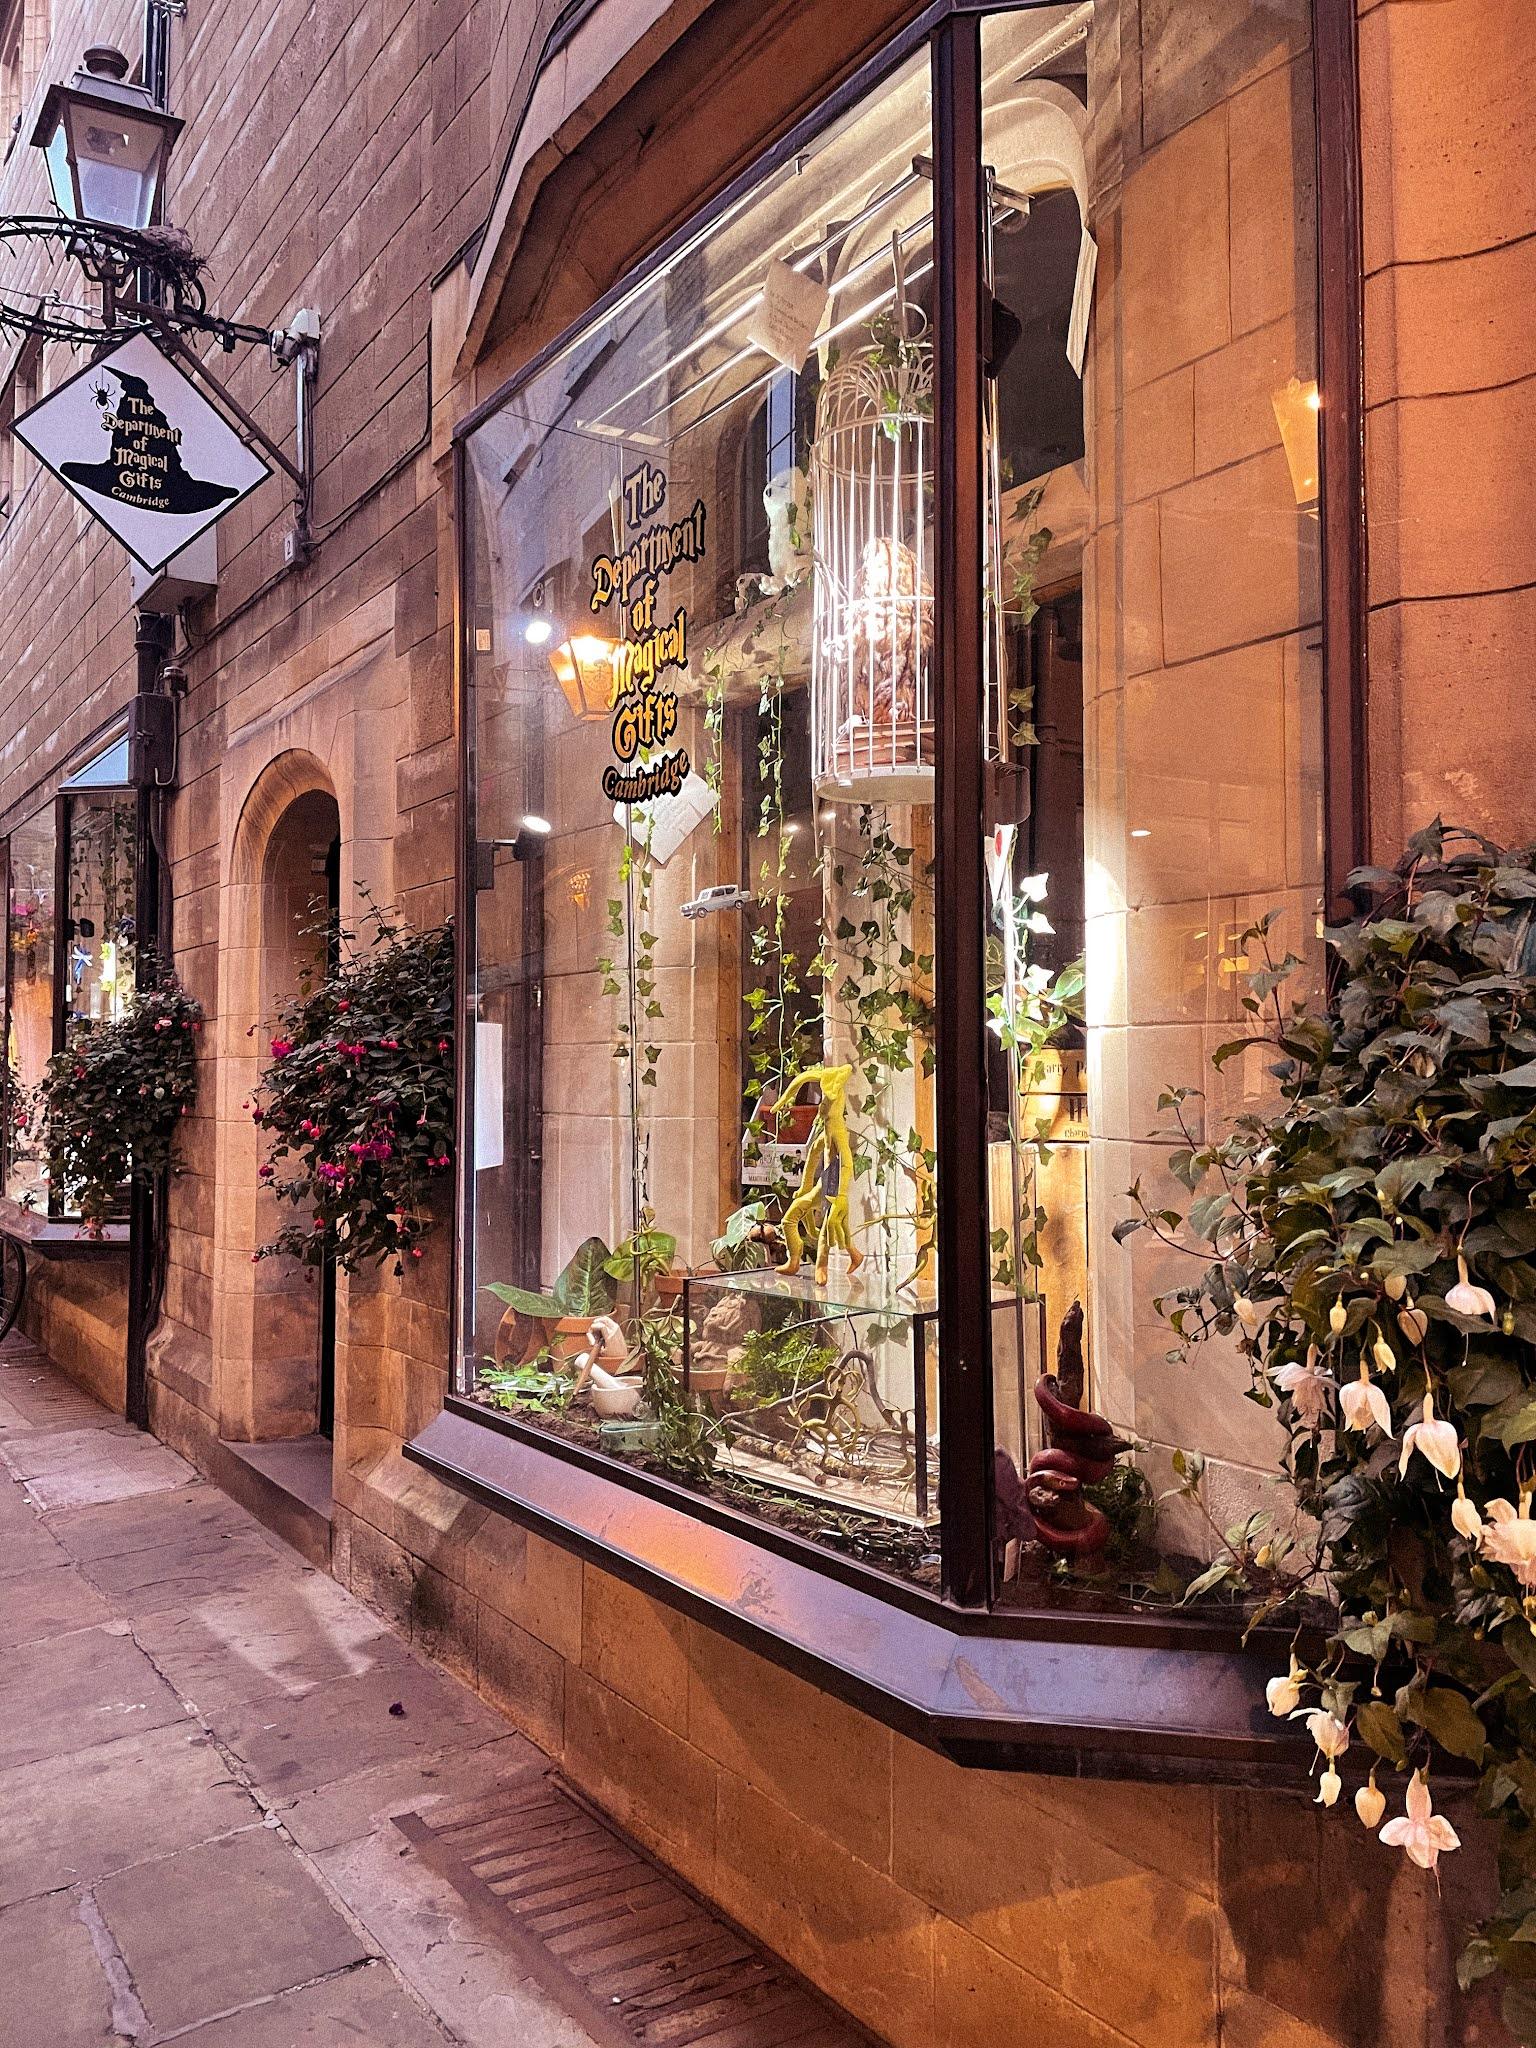 Cambridge Harry Potter Shop